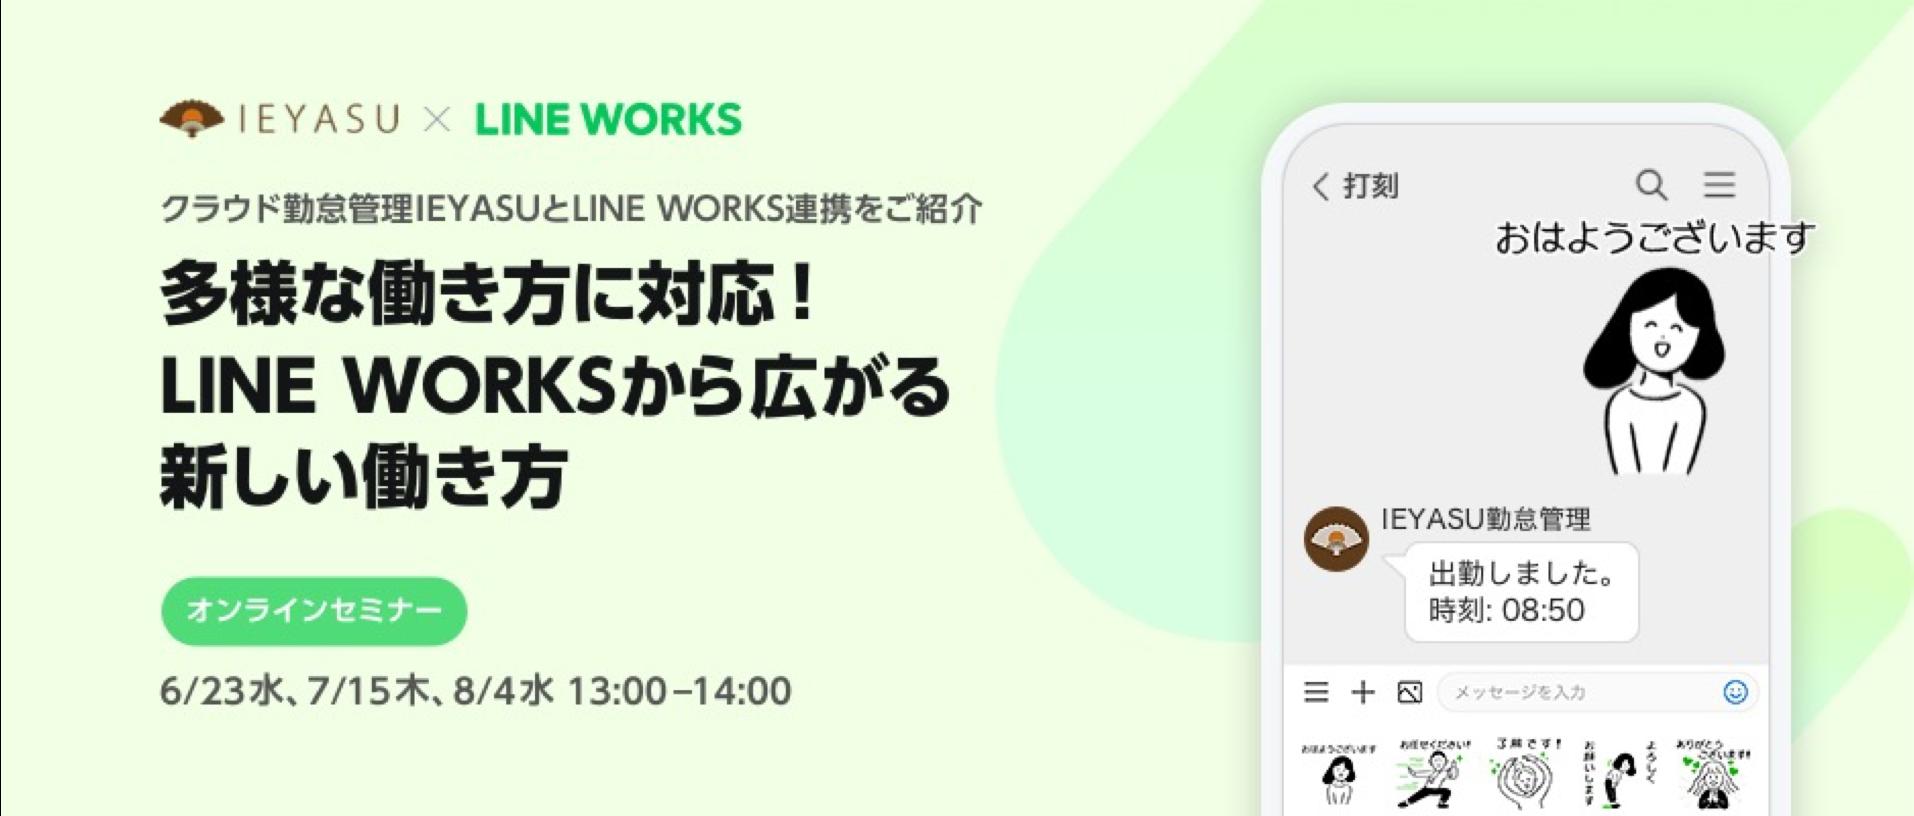 【無料セミナー】多様な働き方に対応!LINE WORKSから広がる新しい働き方|8月4日13時@オンライン